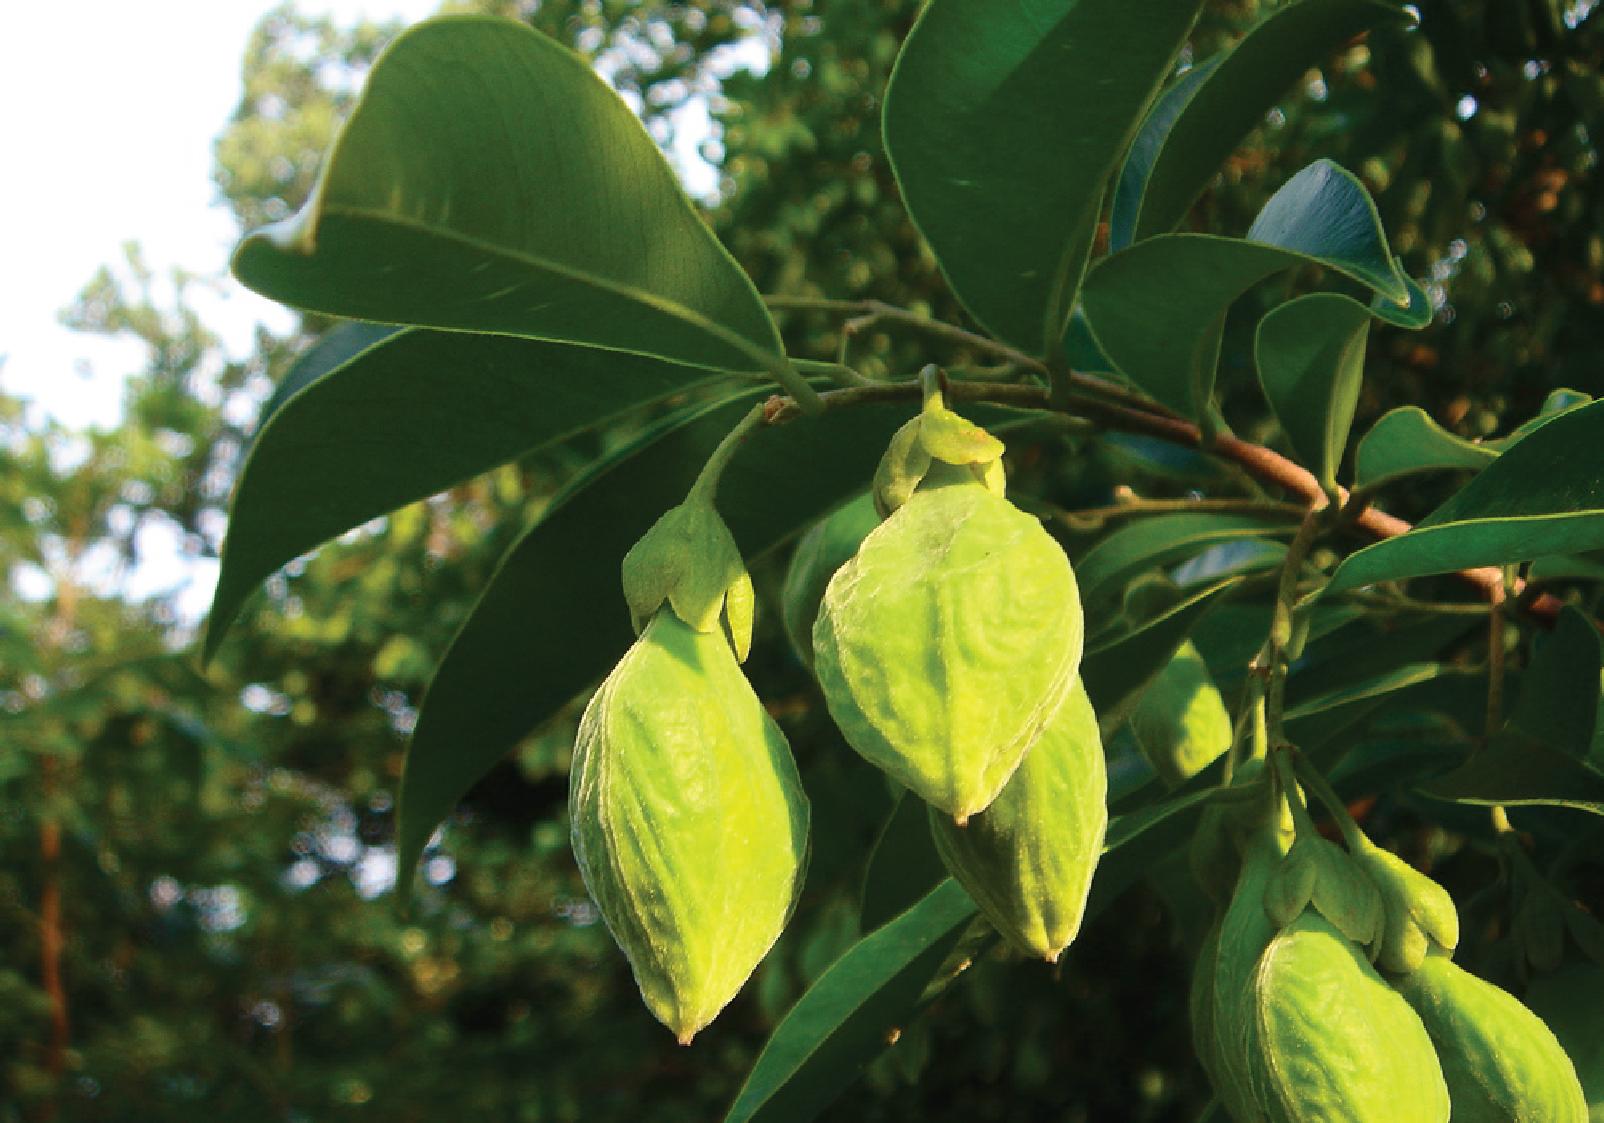 Cây trầm hương như thế nào? Cây trầm hương có tác dụng gì?